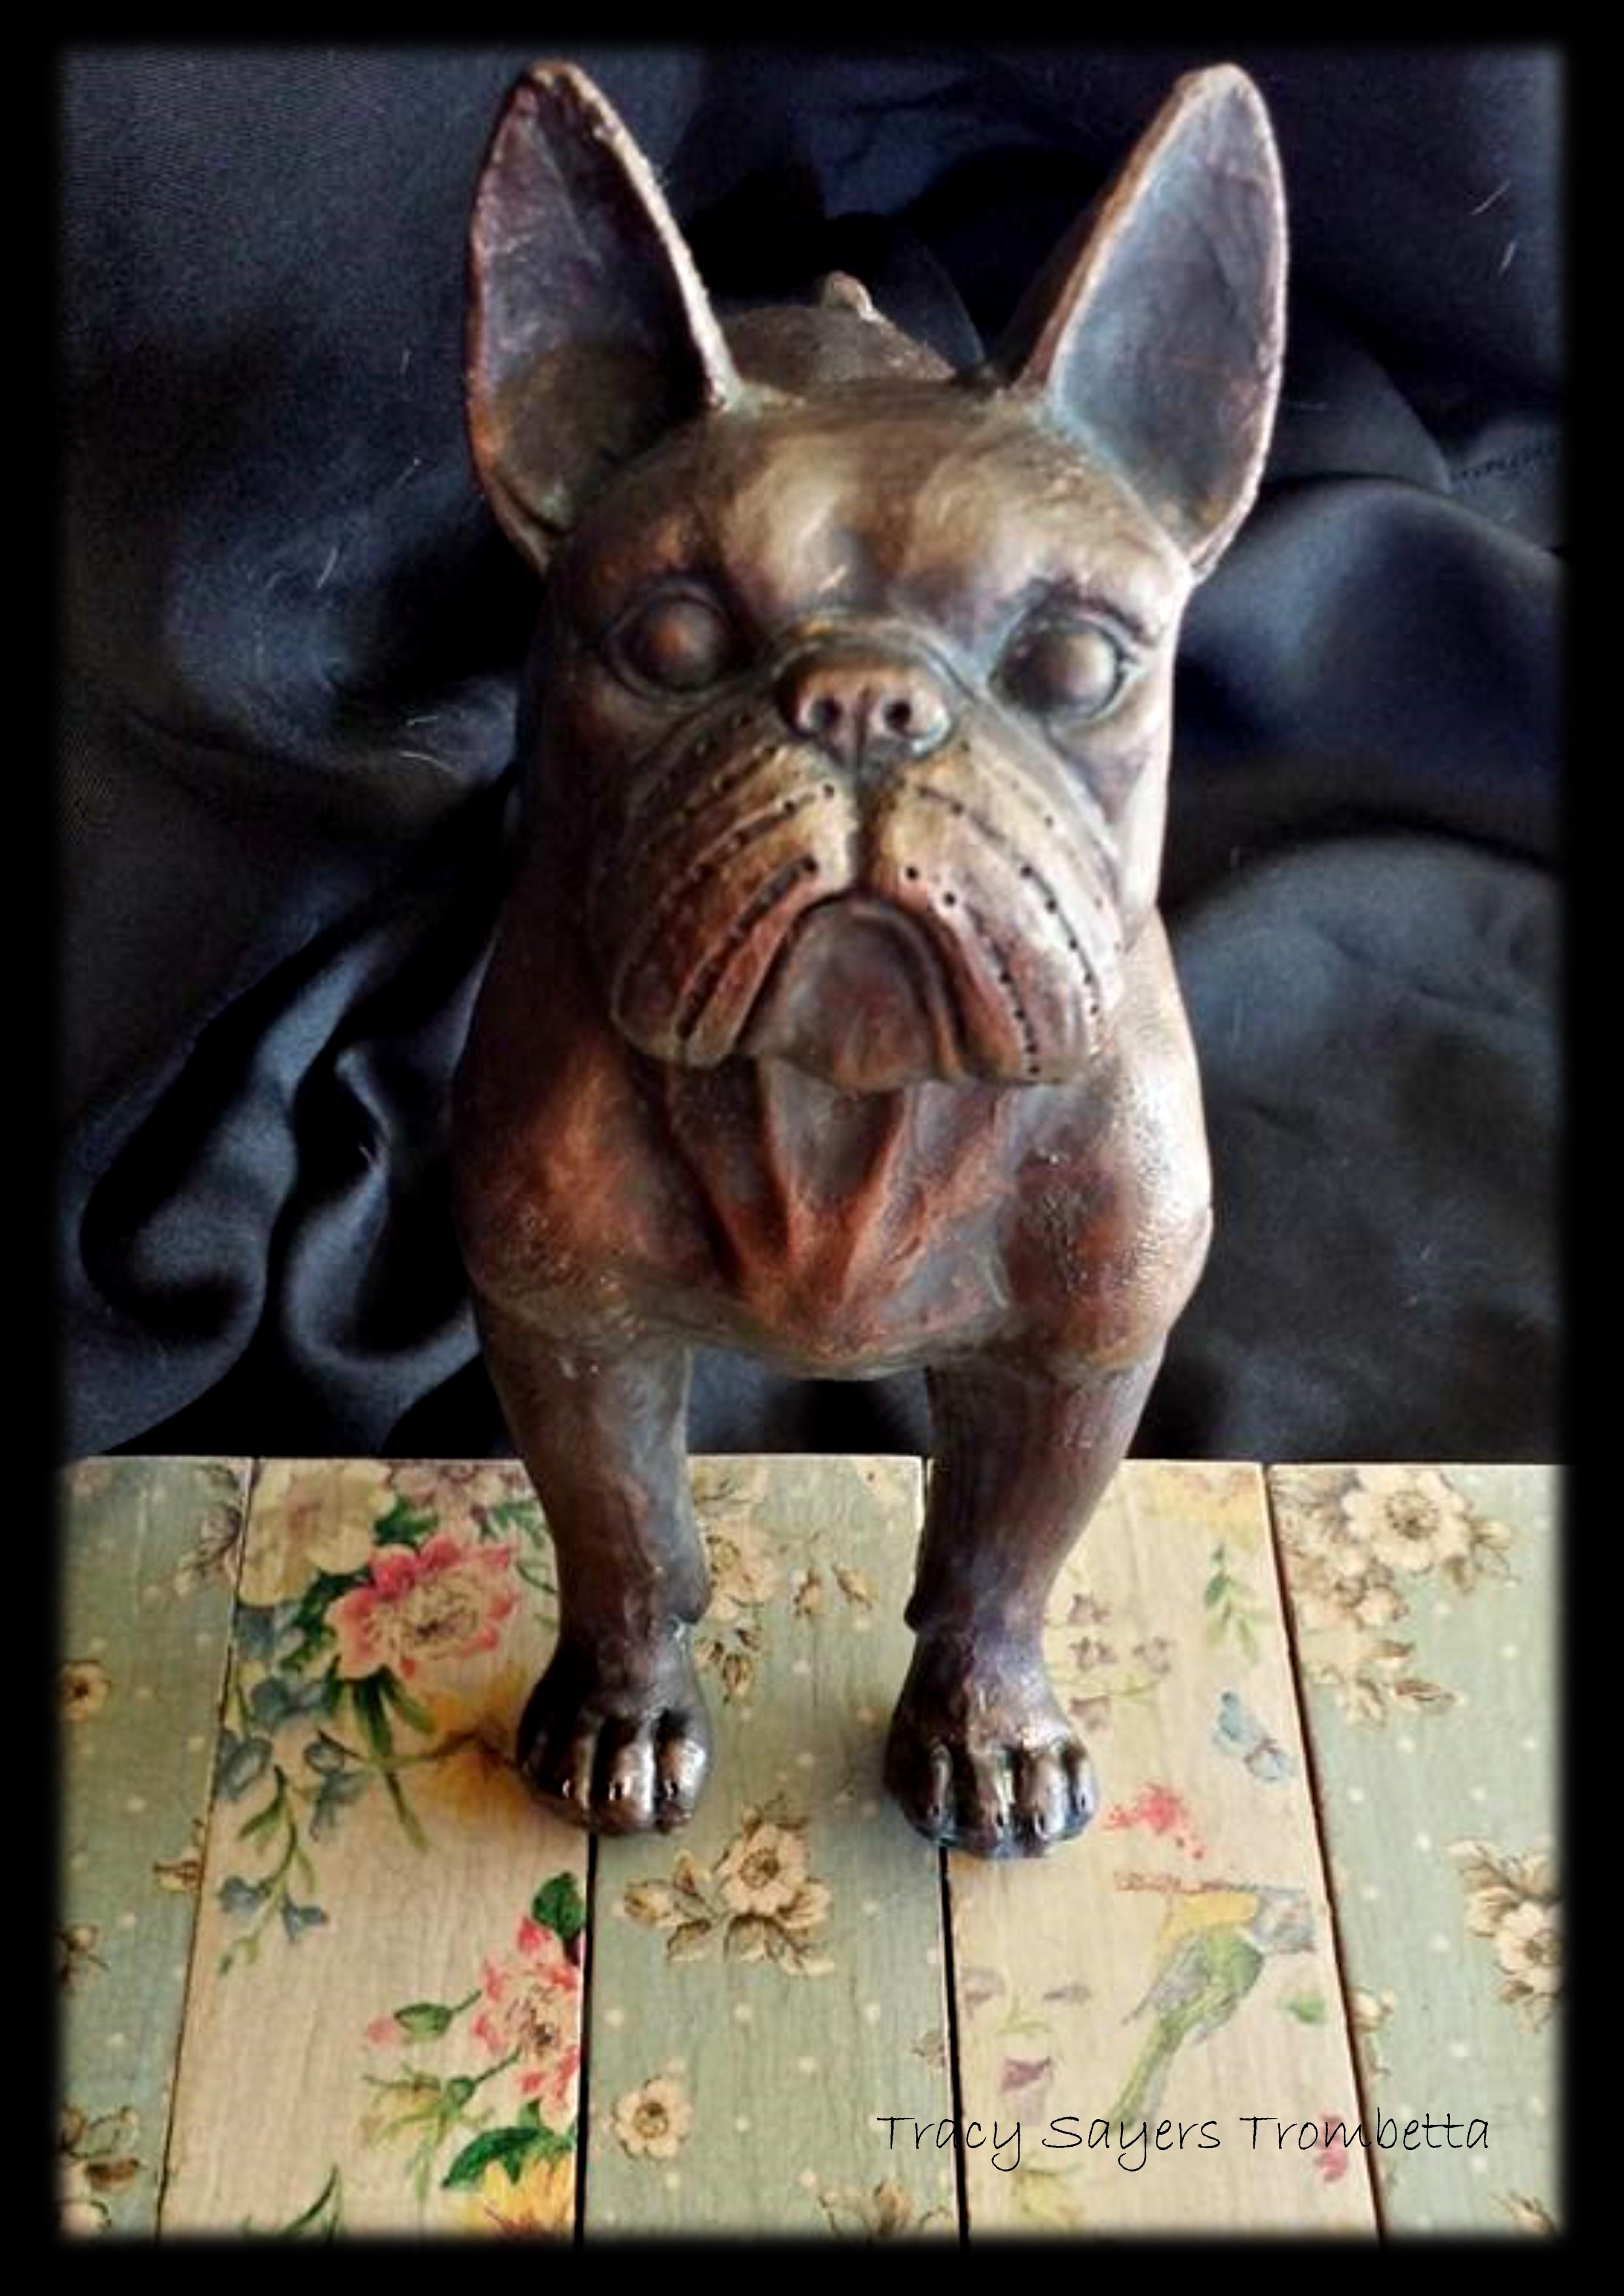 Bronze bulldog statue